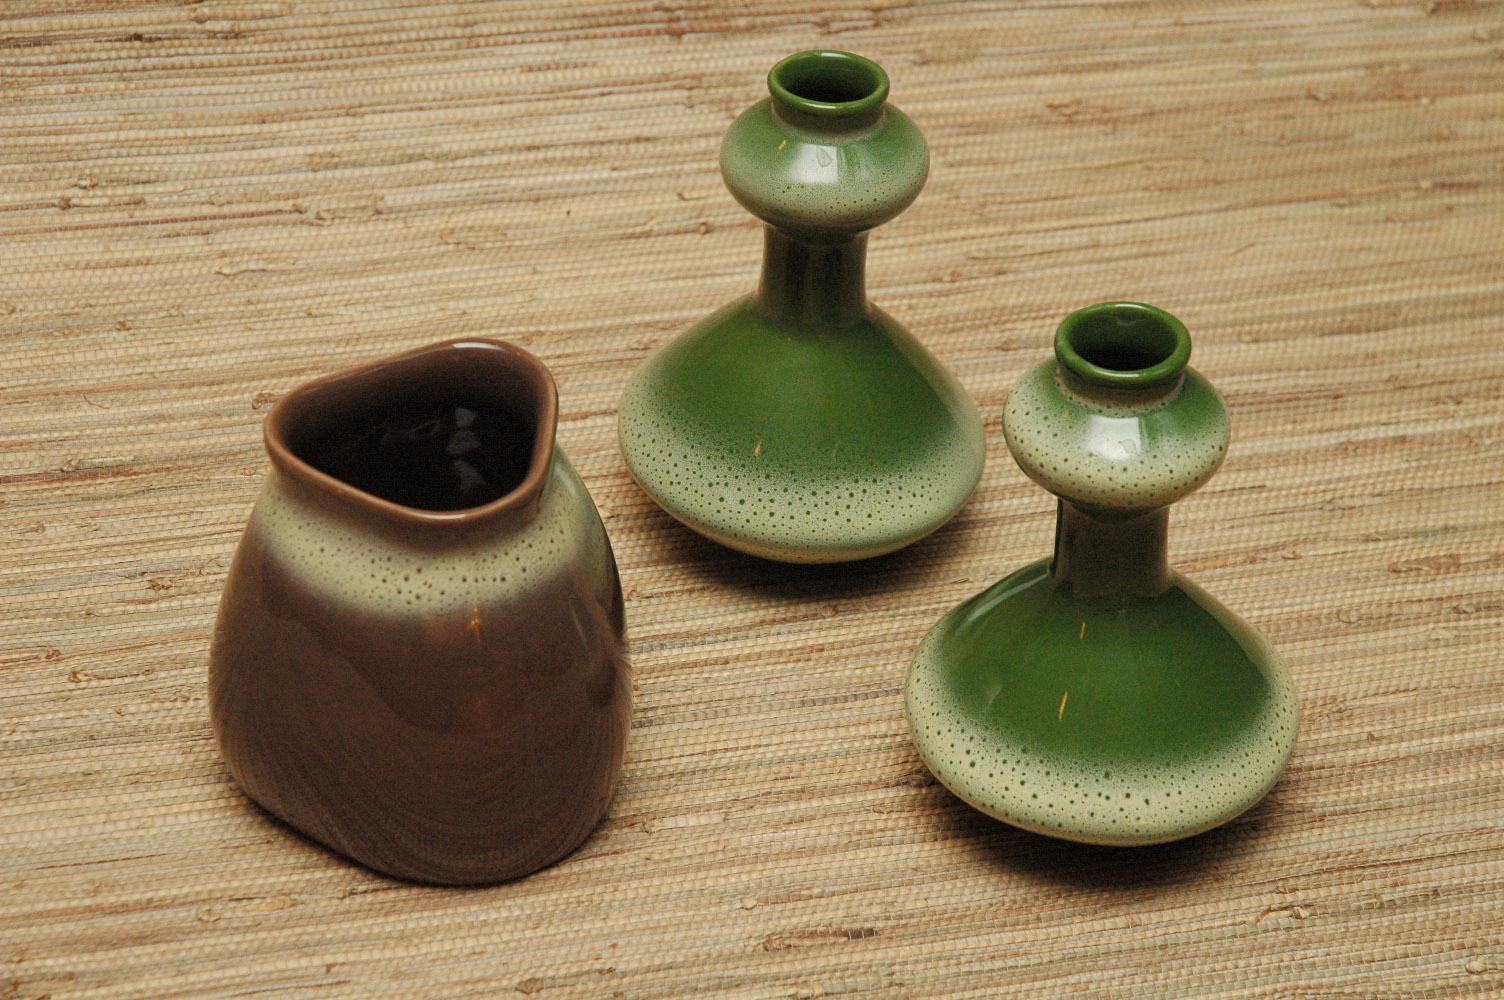 Tamac vases